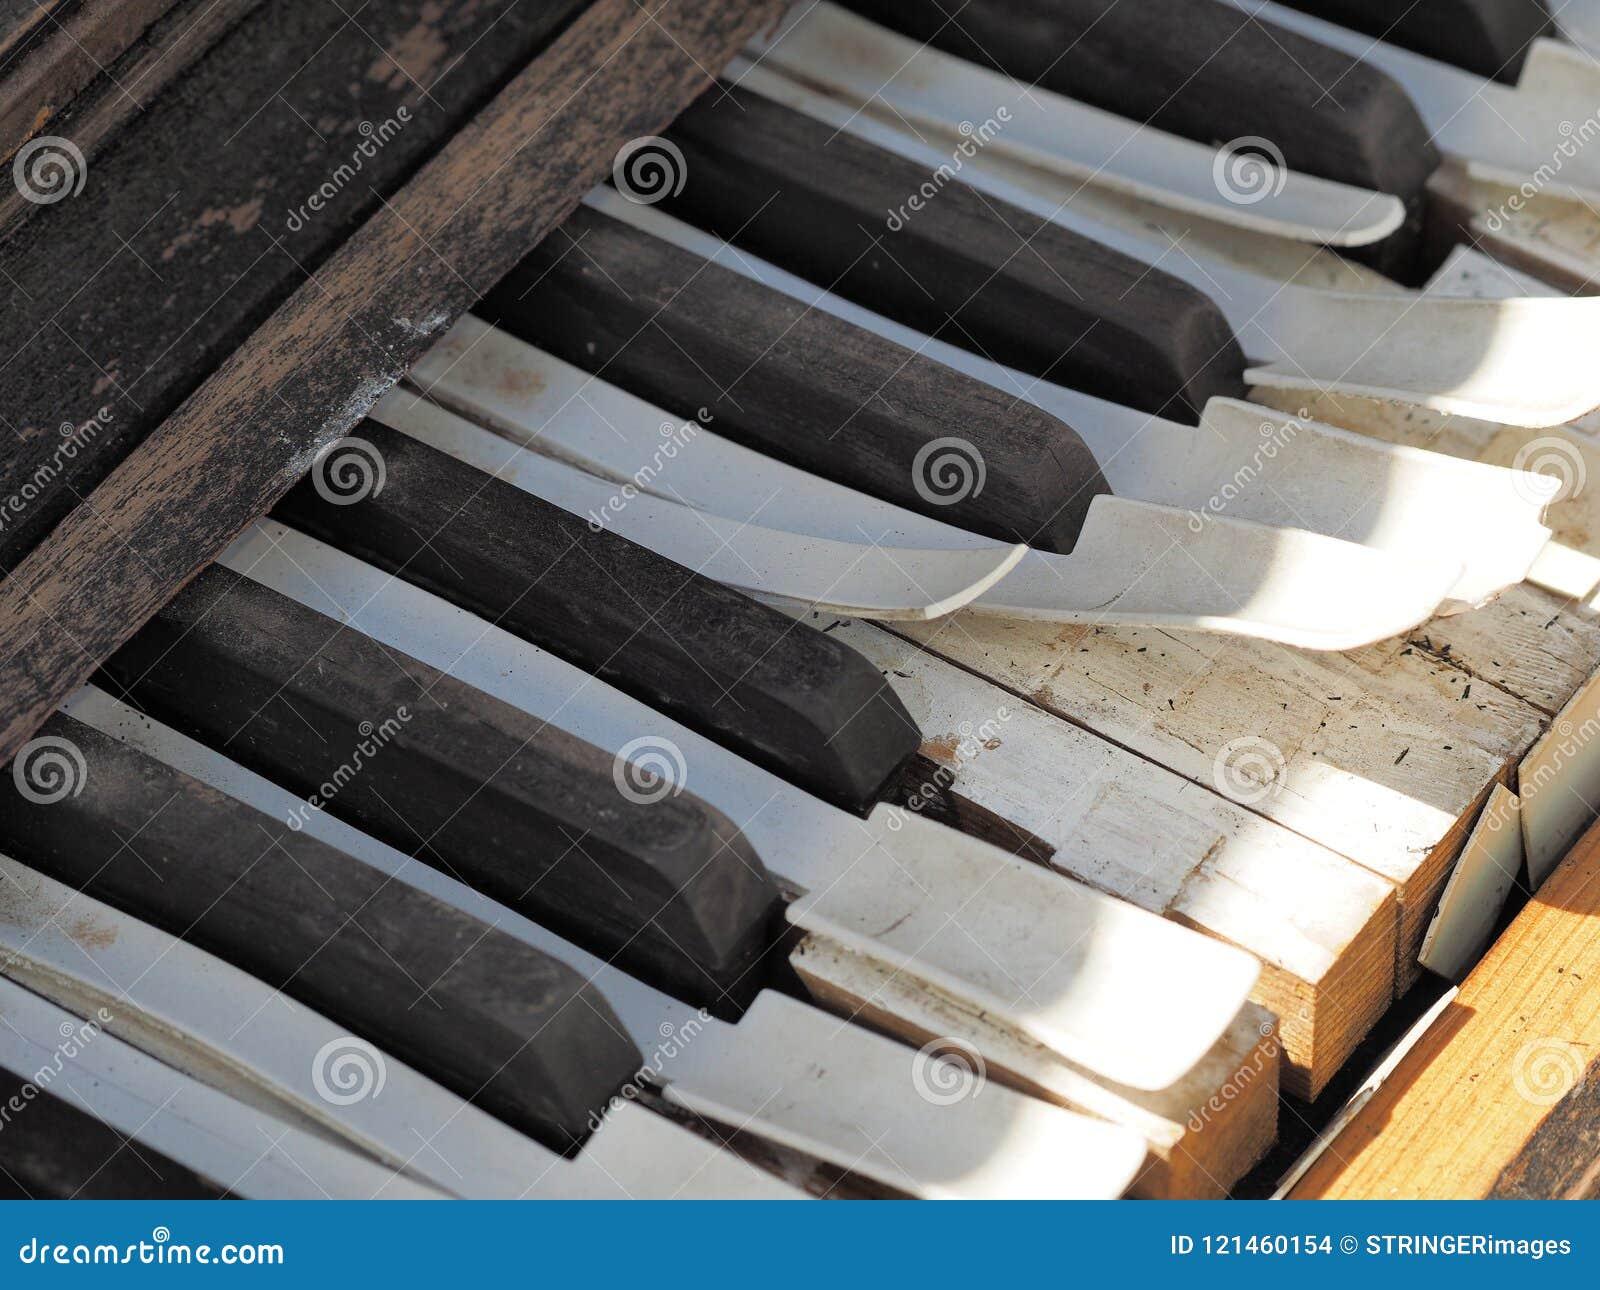 Chaves de um piano resistido velho desolado